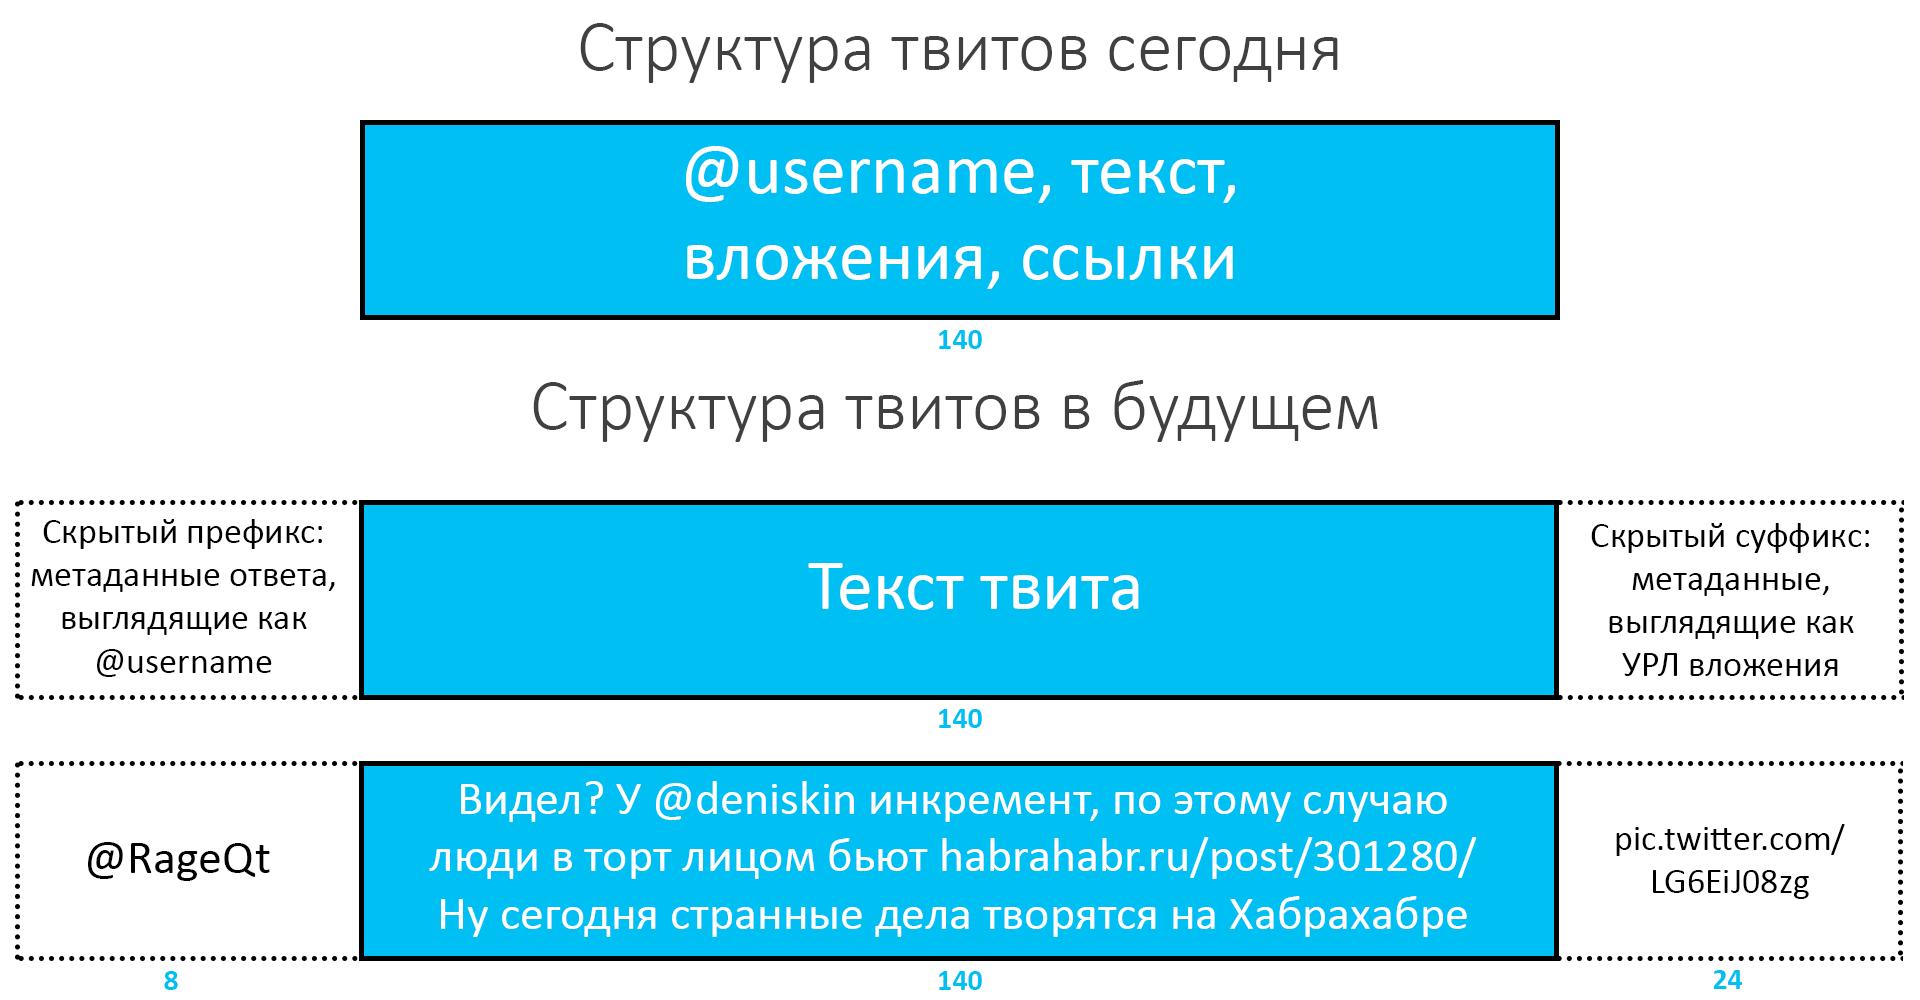 Теперь официально: Twitter увеличит размер сообщений, перестав учитывать ссылки и упоминания - 1